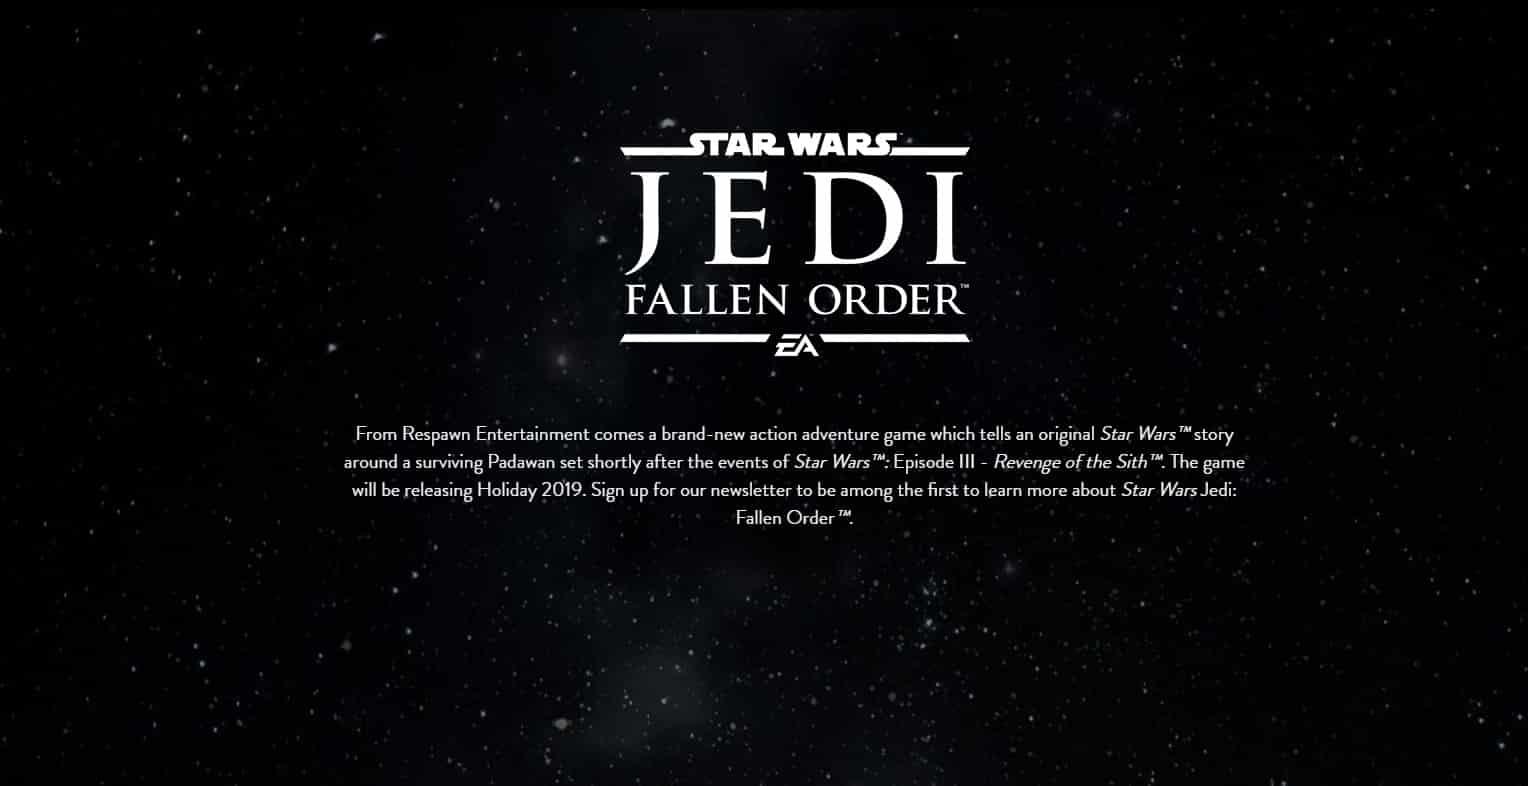 Star Wars Jedi Fallen Order Teaser Da Mehr Am Wochenende